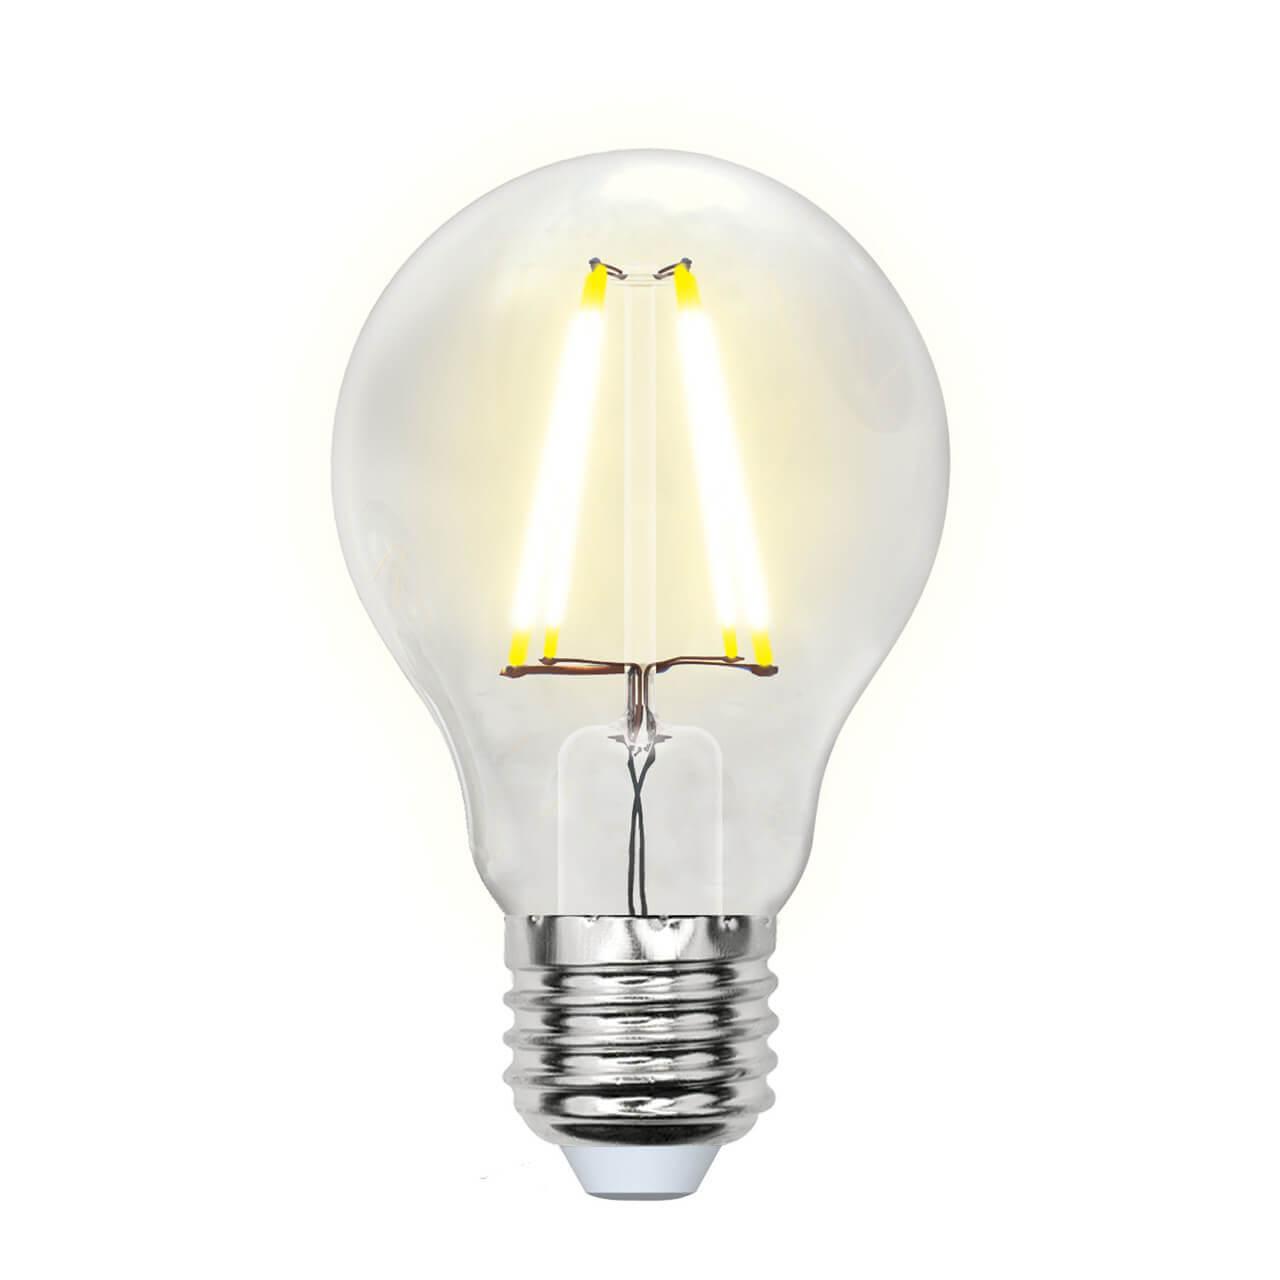 Фото - Лампочка Uniel LED-A60-8W/NW/E27/CL PLS02WH SKY A лампочка uniel led a60 10w ww e27 cl pls02wh sky